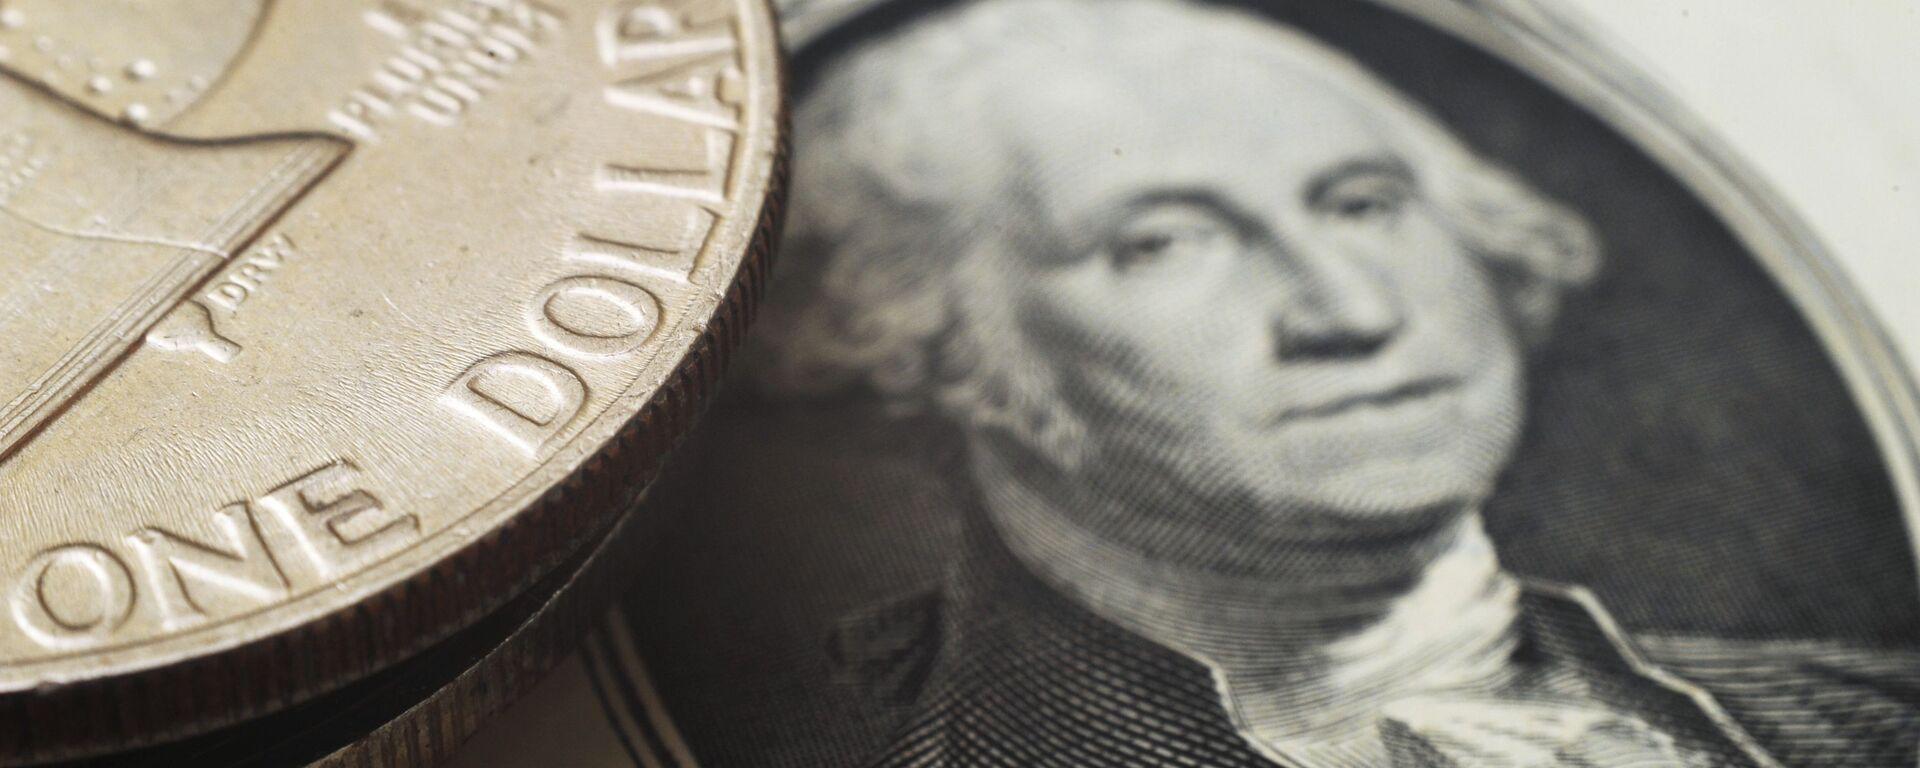 Монета номиналом один доллар США на банкноте один доллар США - Sputnik Узбекистан, 1920, 25.11.2020